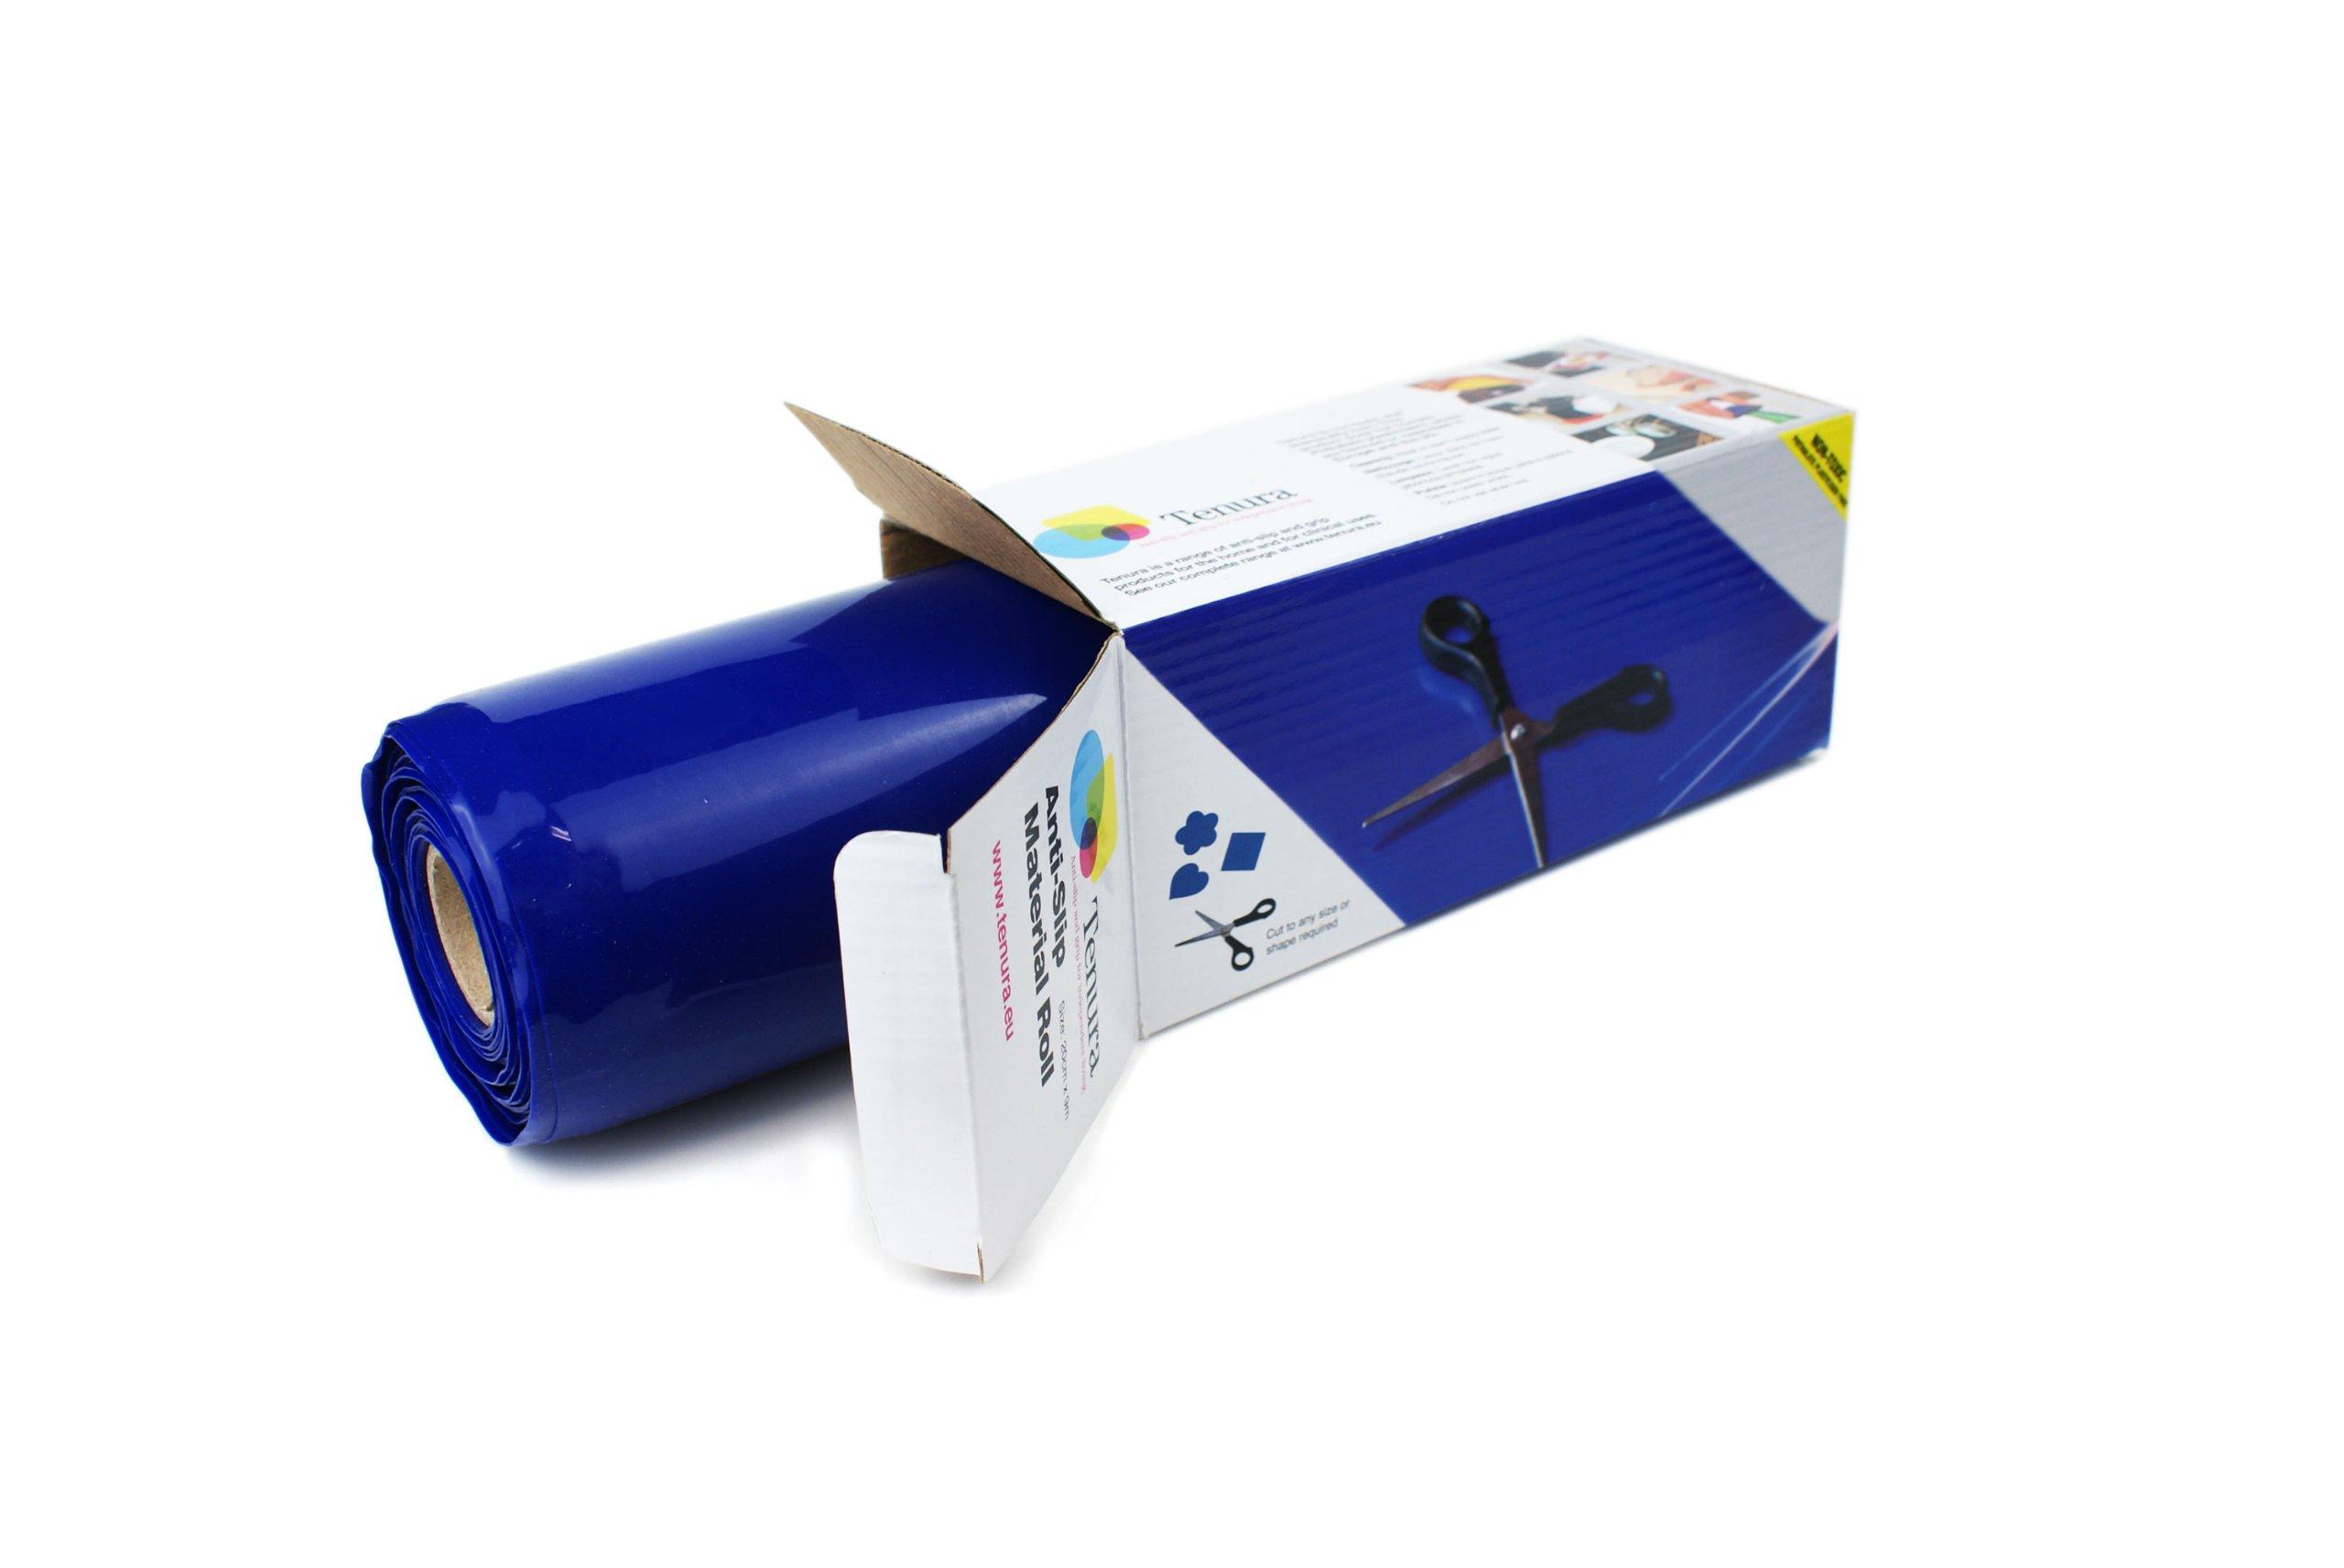 SP Ableware Tenura Silicone Non-Slip Roll, Blue (75376-1302)